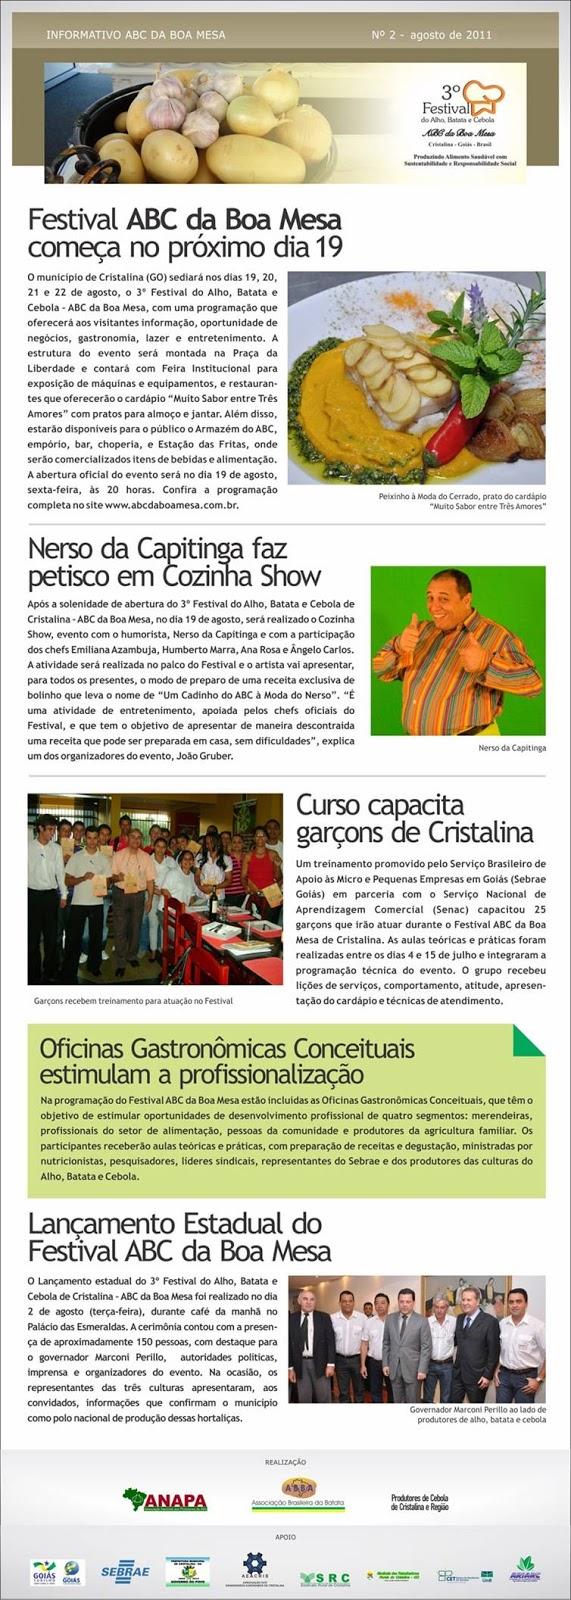 Notícias do Festival ABC da Boa Mesa de Cristalina